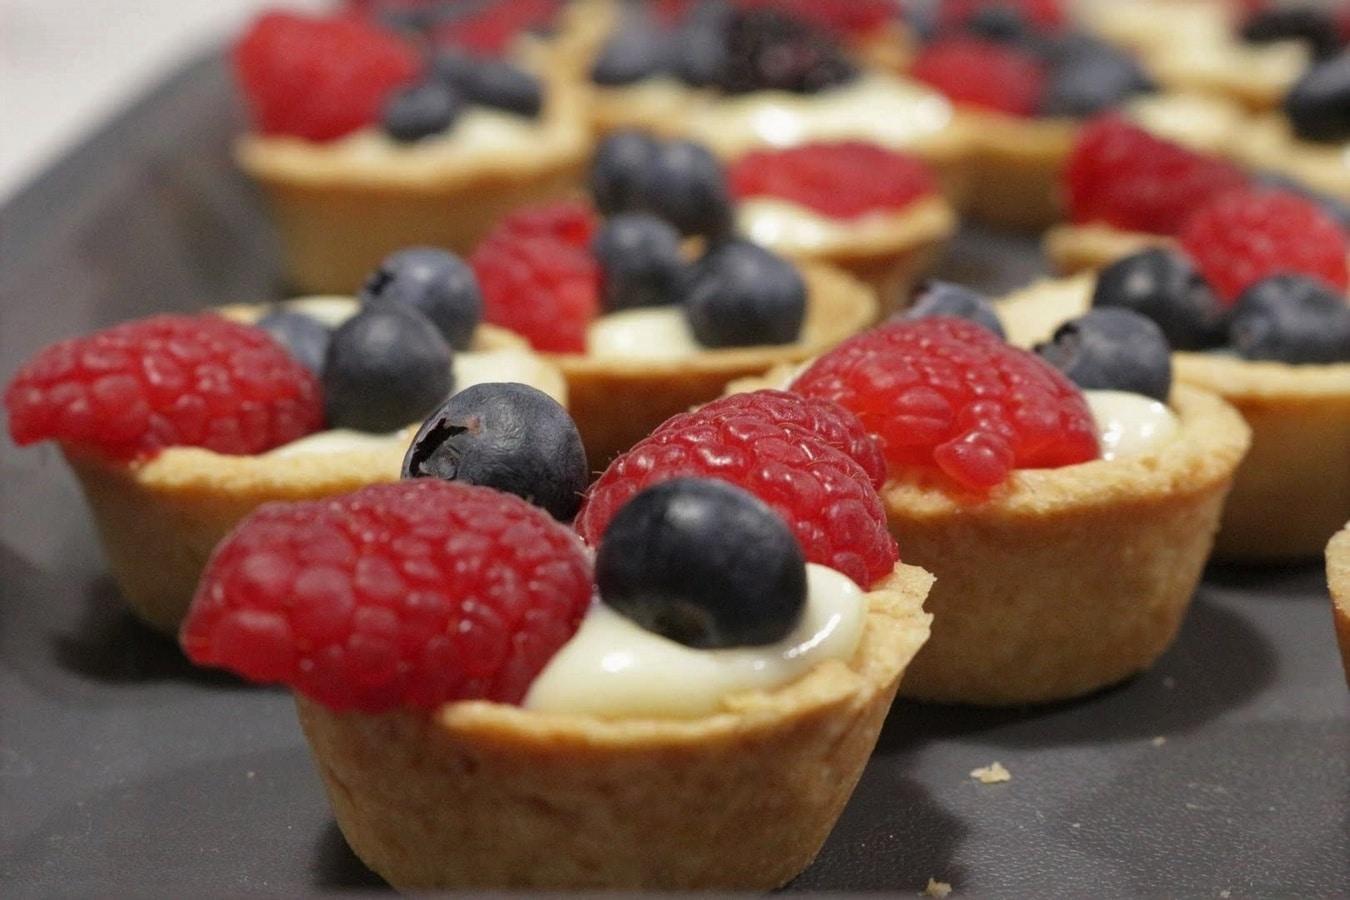 corso di finger food a torino l'arte dell'aperitivo finger food per l'aperitivo corso di cucina professionale corsi di cucina individuali la palestra del cibo